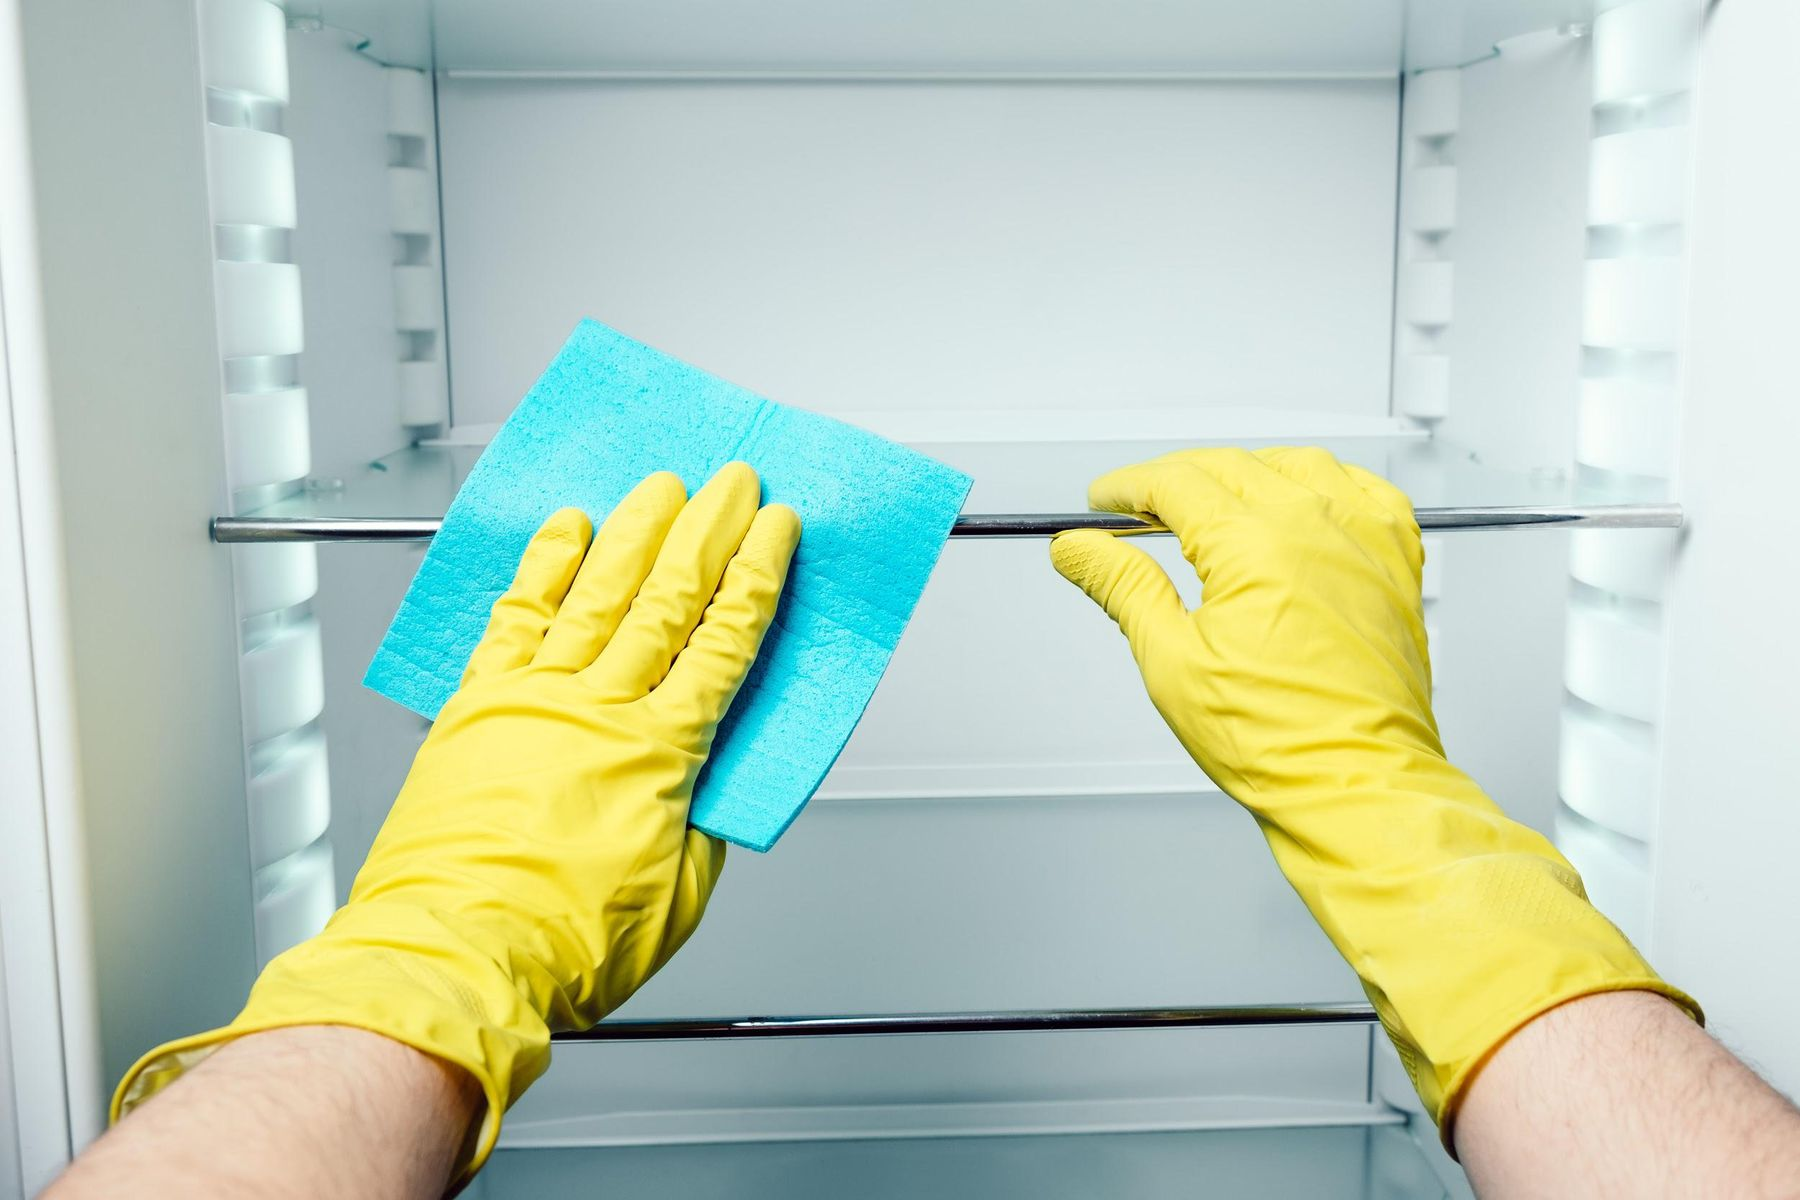 Mãos com luvas amarelas limpando as prateleiras da geladeira